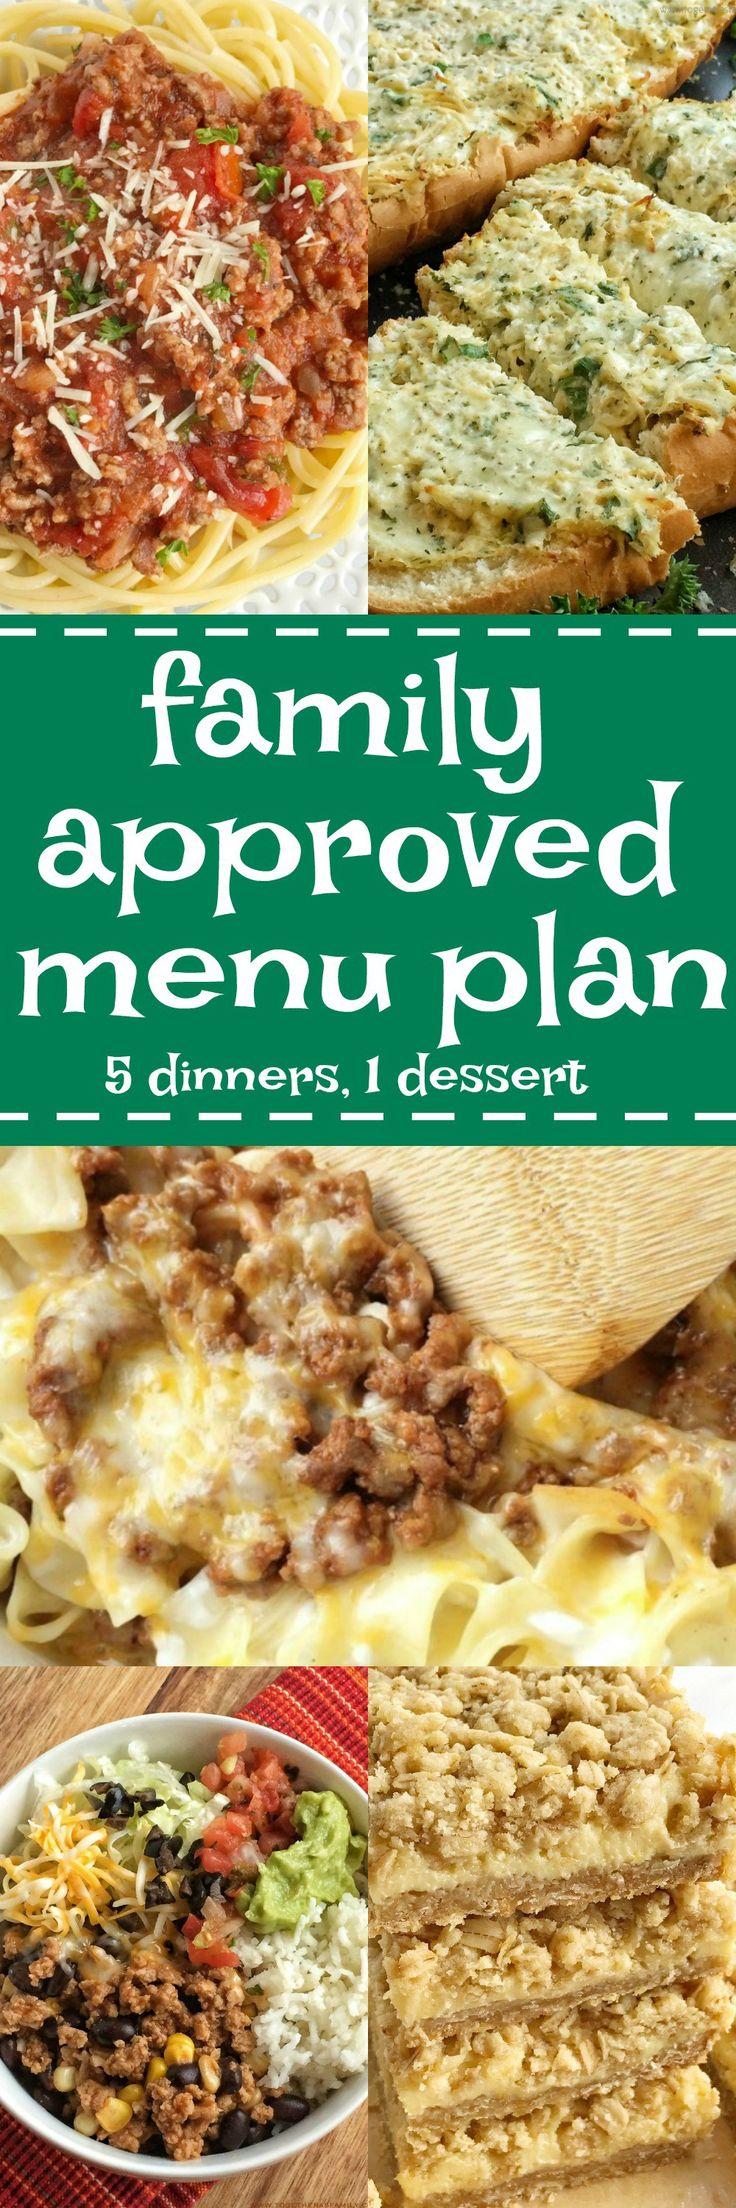 pinterest-family-approved-menu-plan-week2.jpg 1,000×3,000 pixels